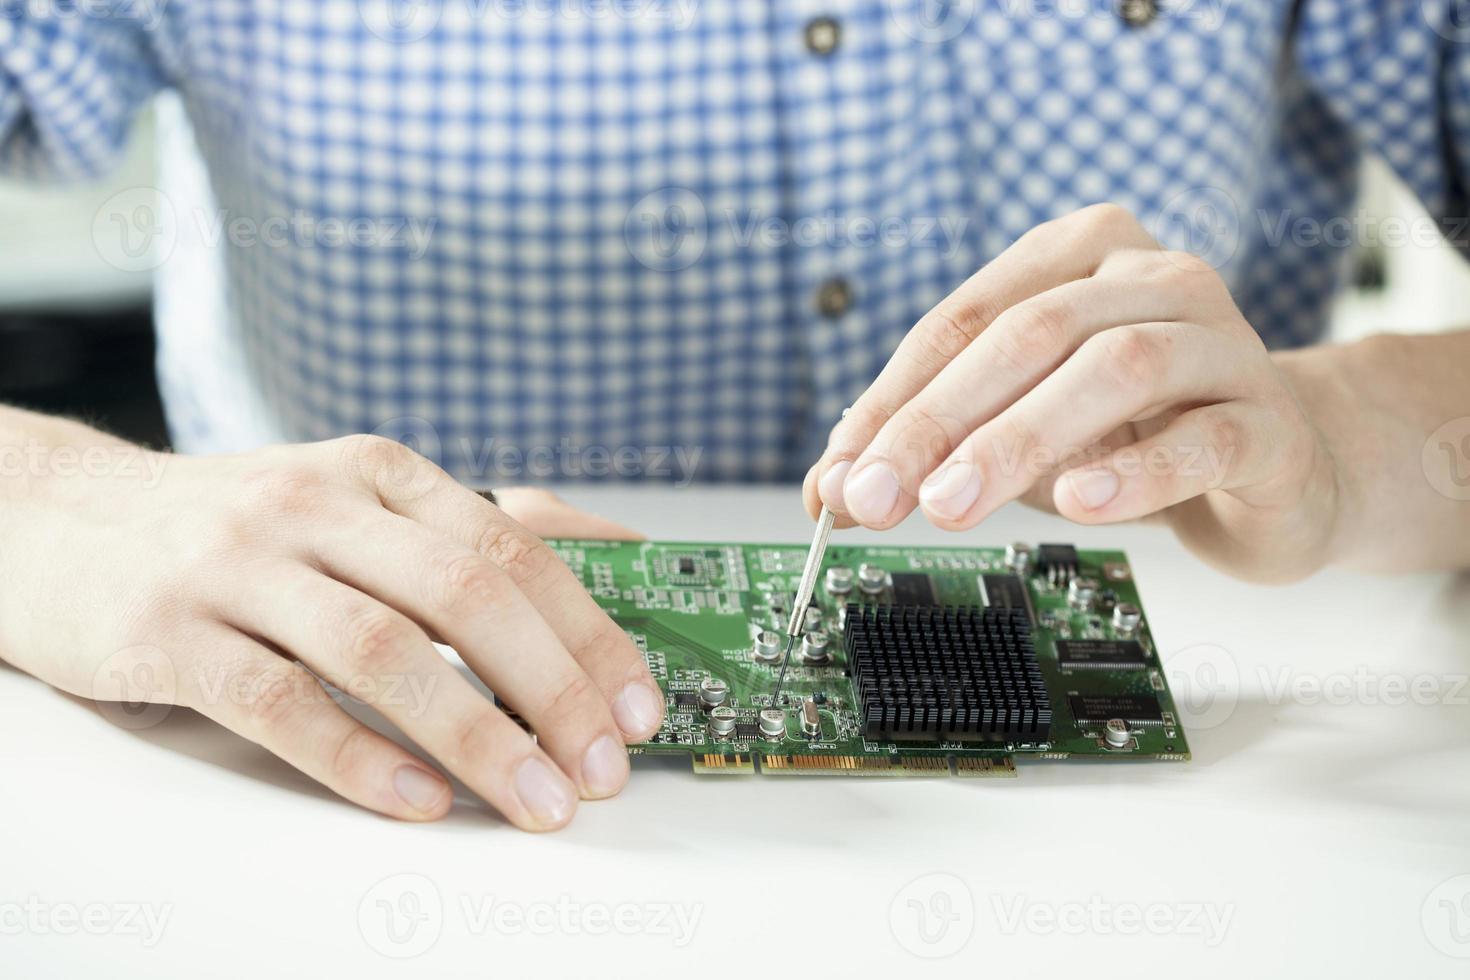 manliga händer som reparerar datormaskinvara foto